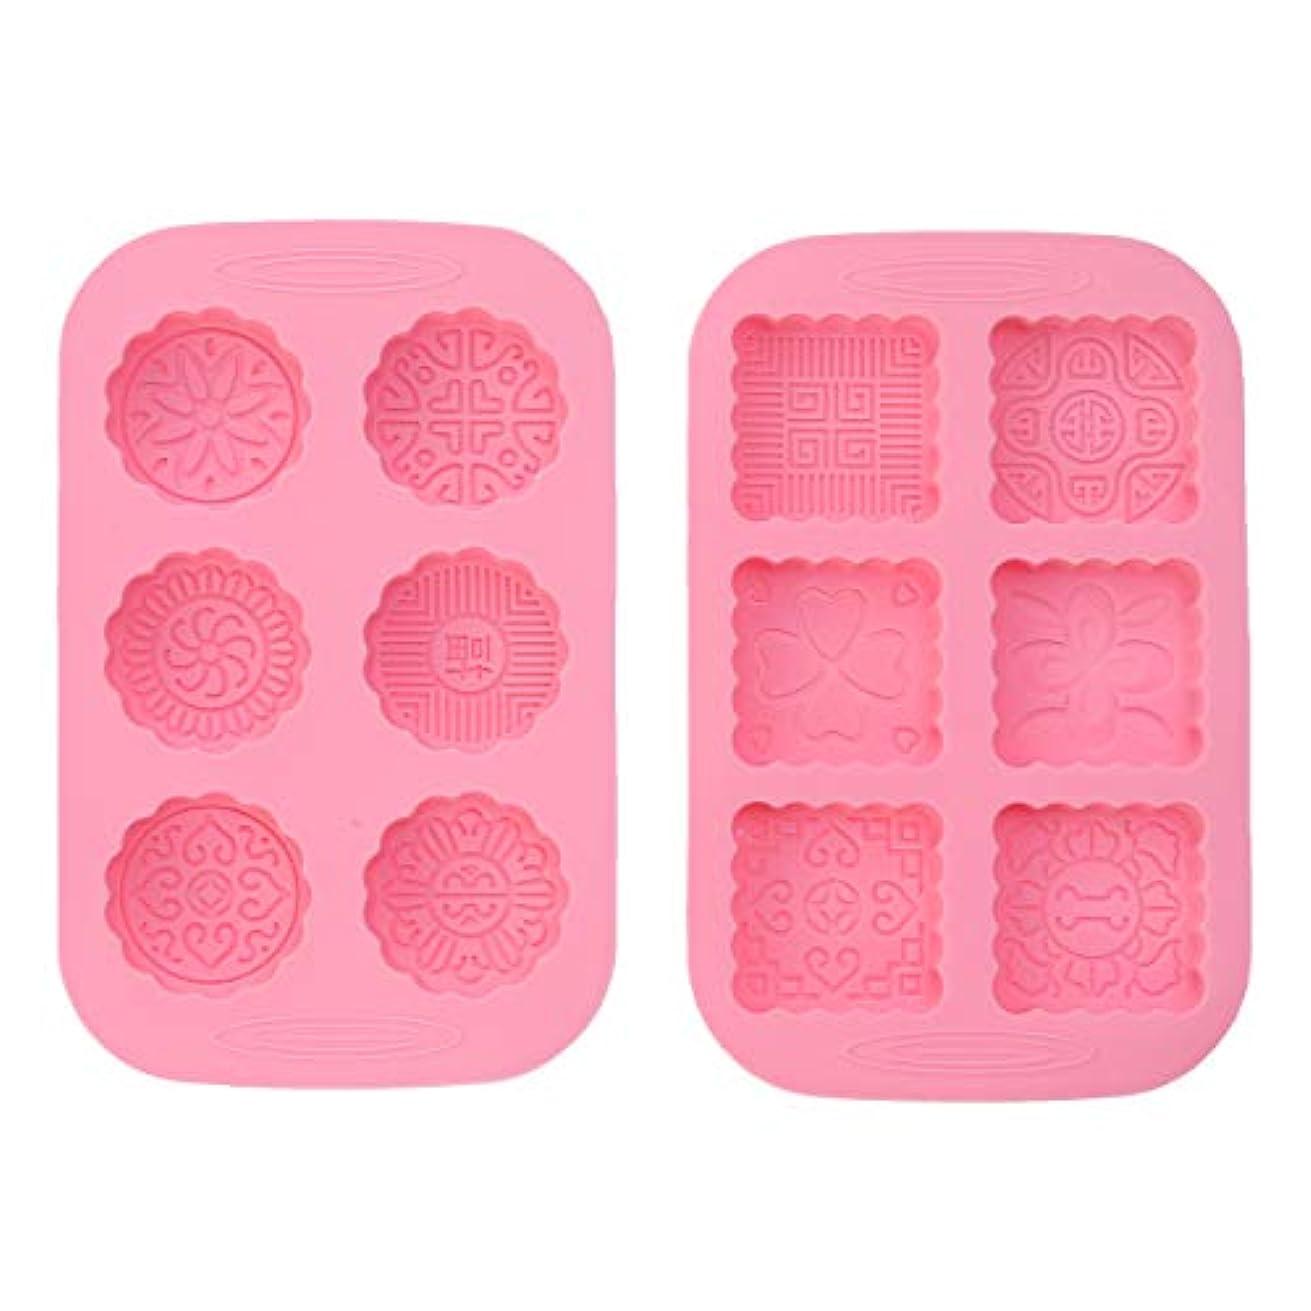 大人予防接種する建物Healifty チョコレート石鹸パンのための2本の月餅型の花型(ピンク)